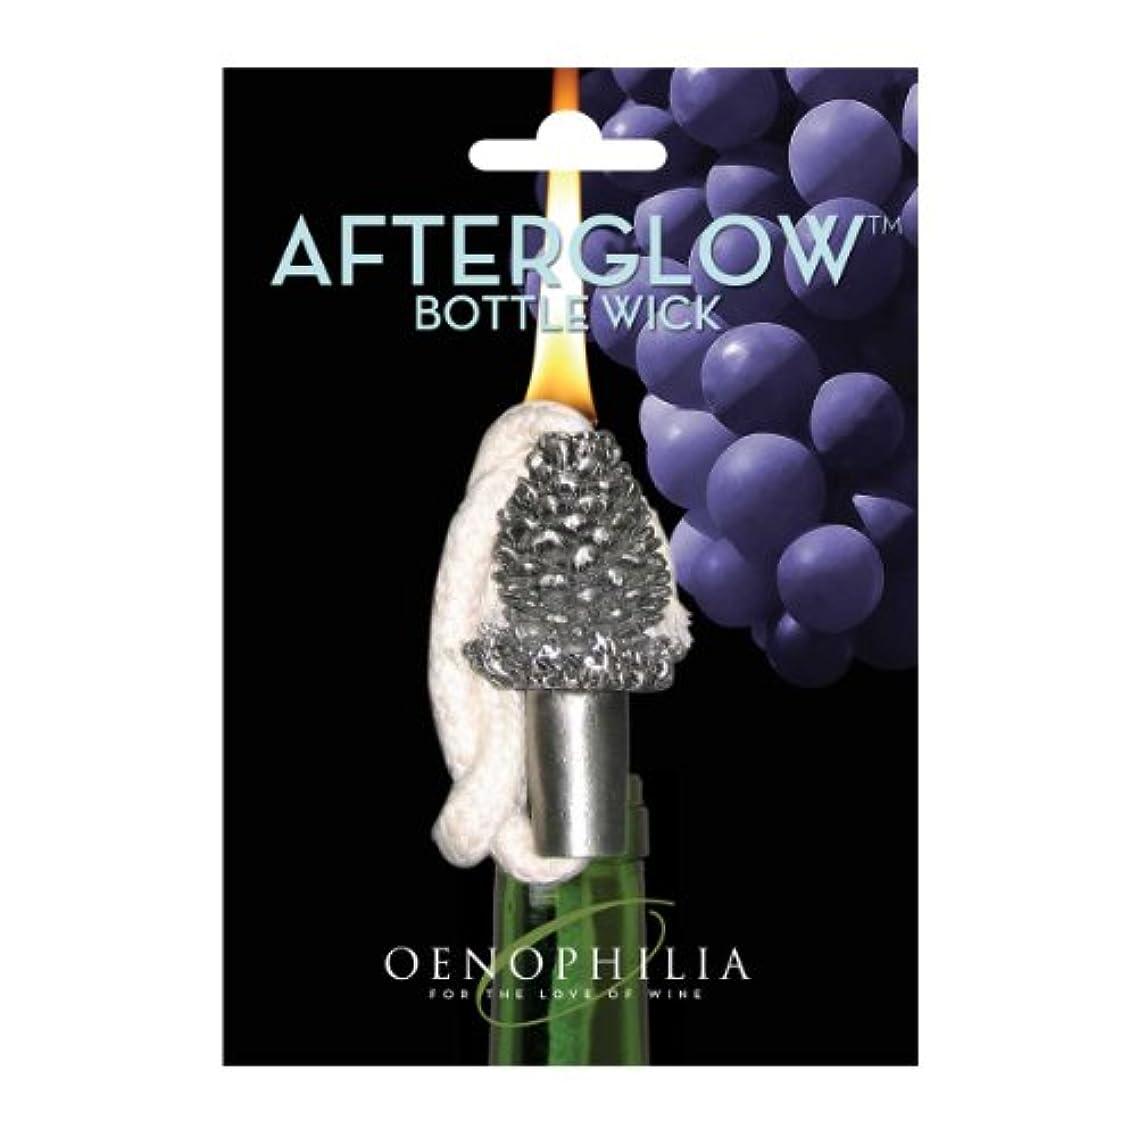 絶滅させる抑制する味付けOenophilia Afterglow Bottle Wick - Pinecone by Oenophilia [並行輸入品]